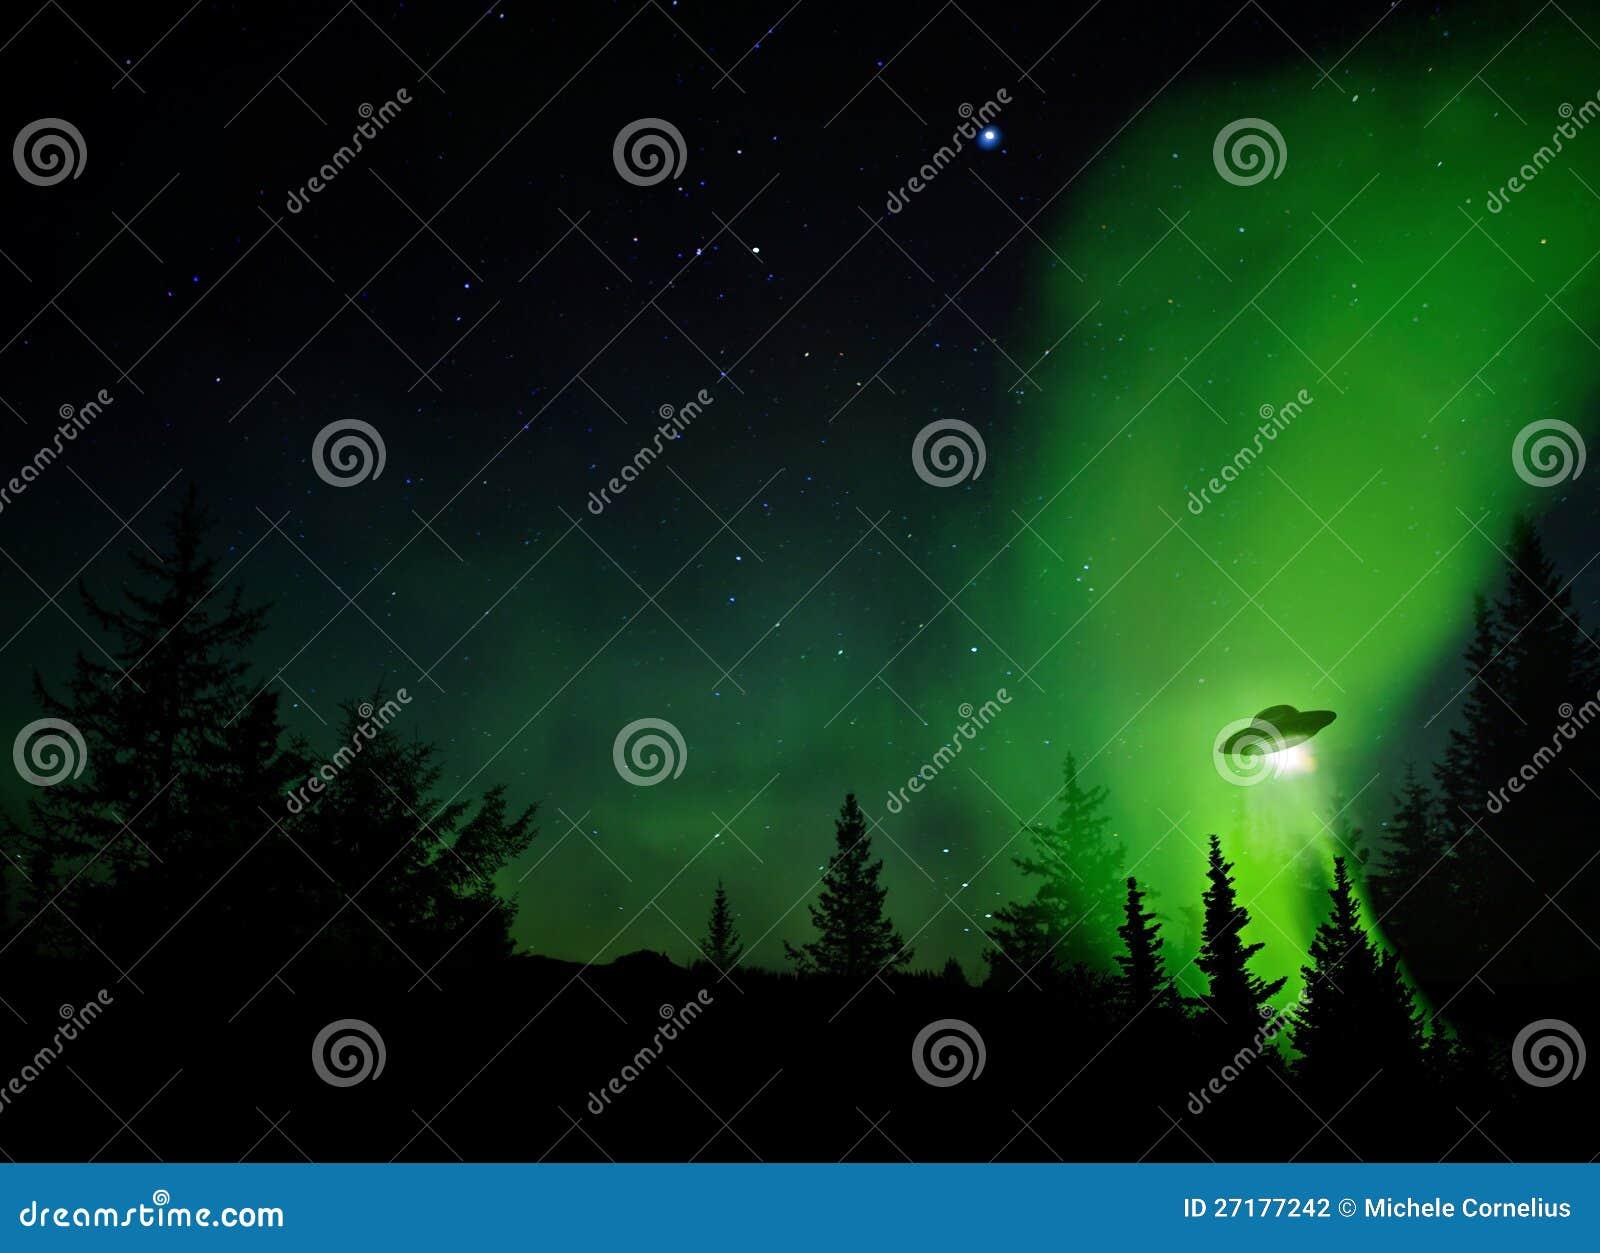 UFO-Landung